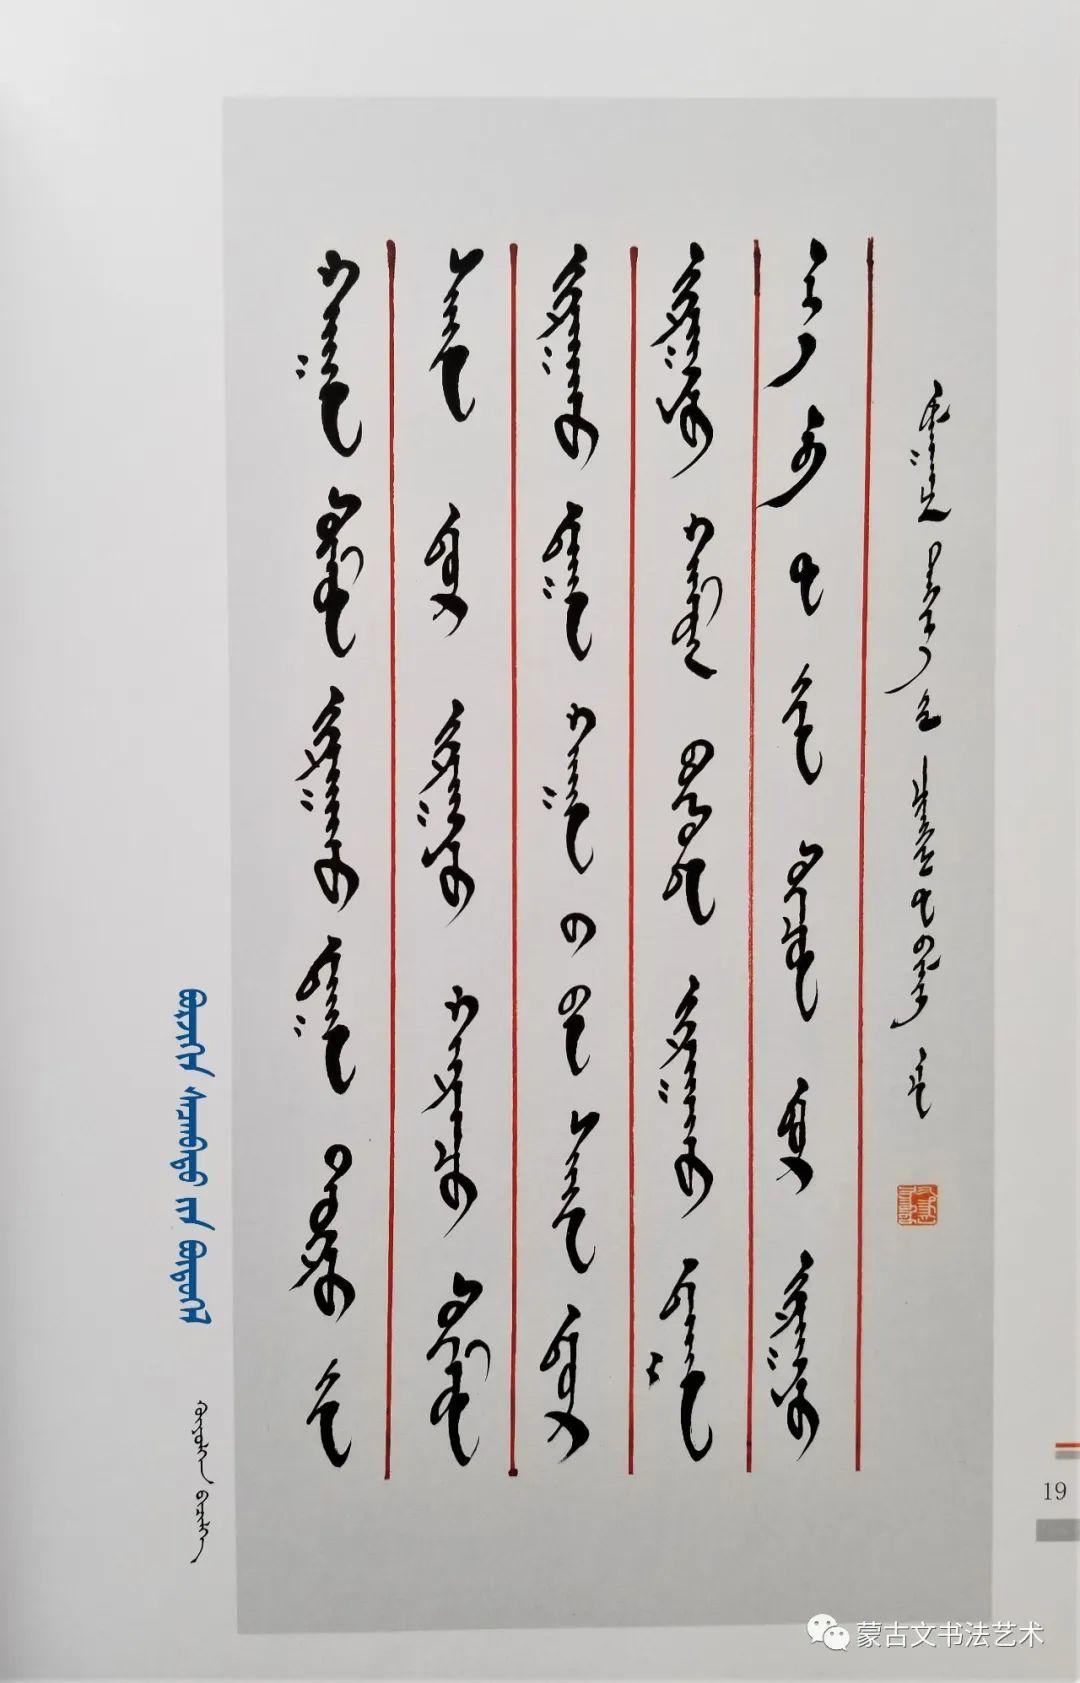 【书法书籍】《墨香书法集》 第9张